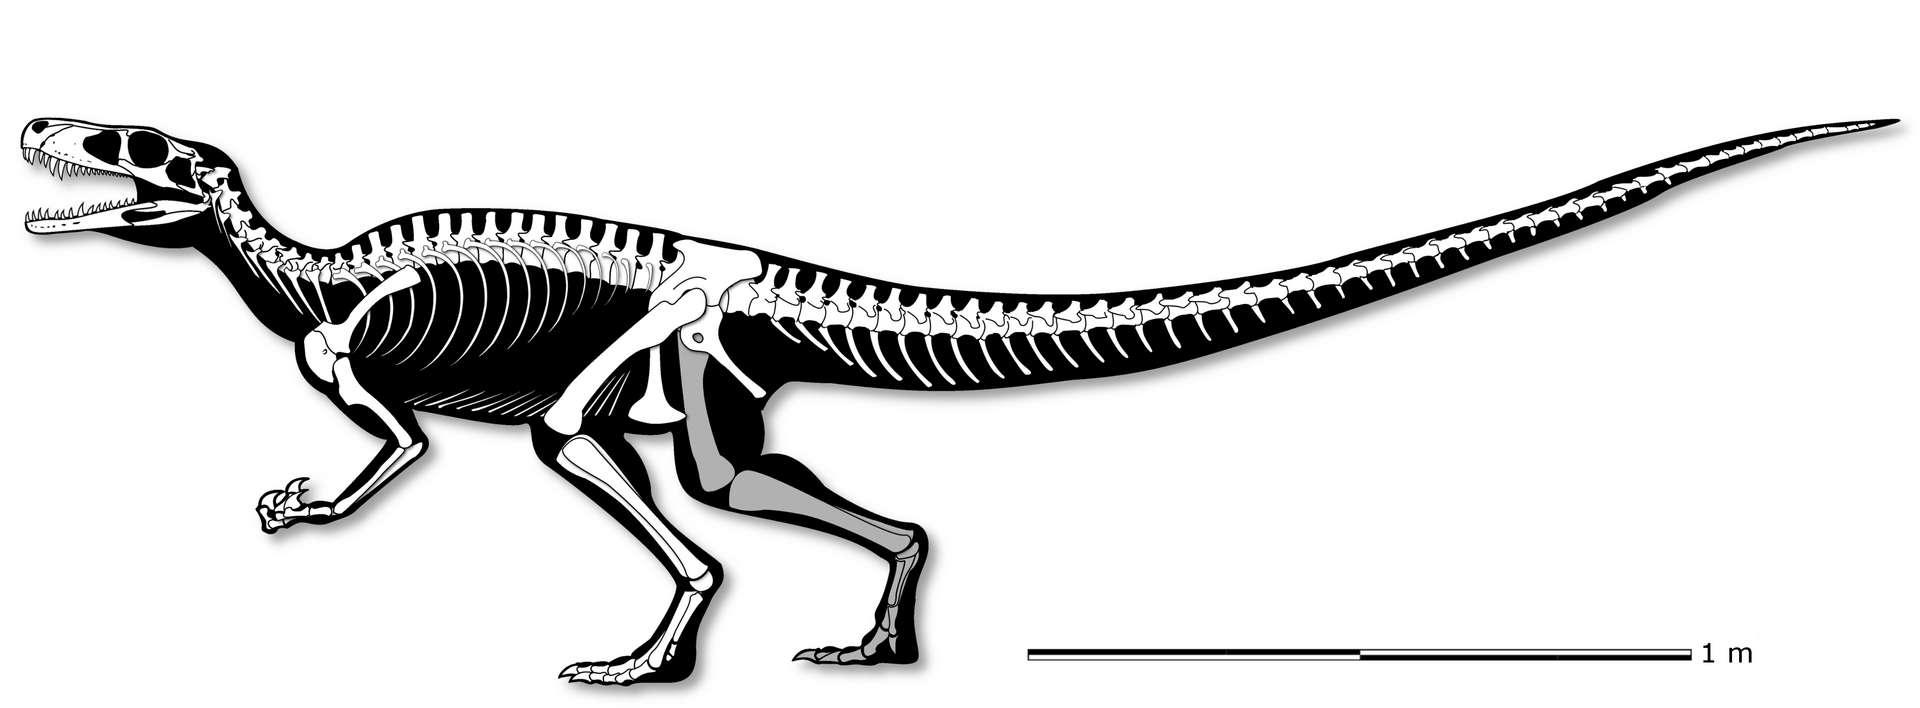 Gnathovorax cabreirai mesurait environ 3 mètres de long pour un poids d'une tonne. © Cristian Pacheco et al, PeerJ, 2019